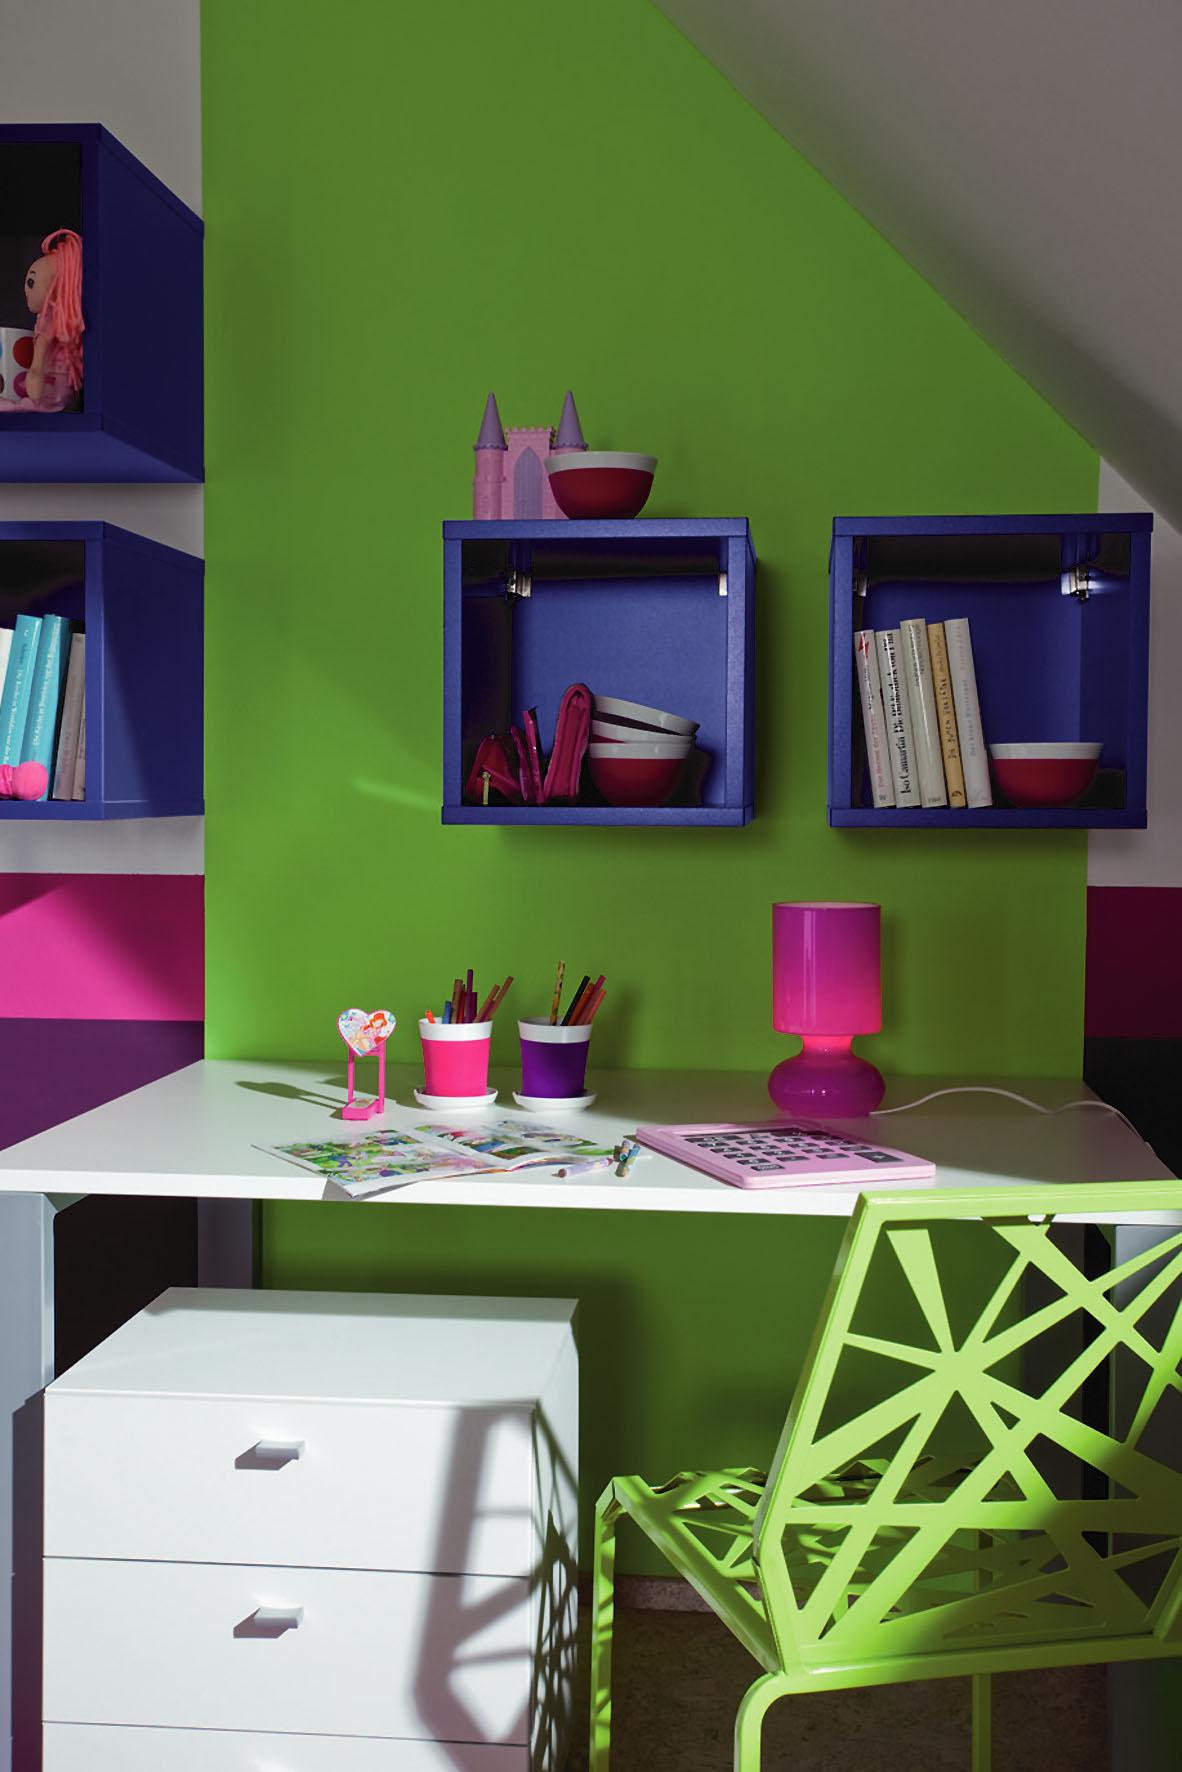 Wunderbar Frische Farben In Den Eigenen Vier Wänden